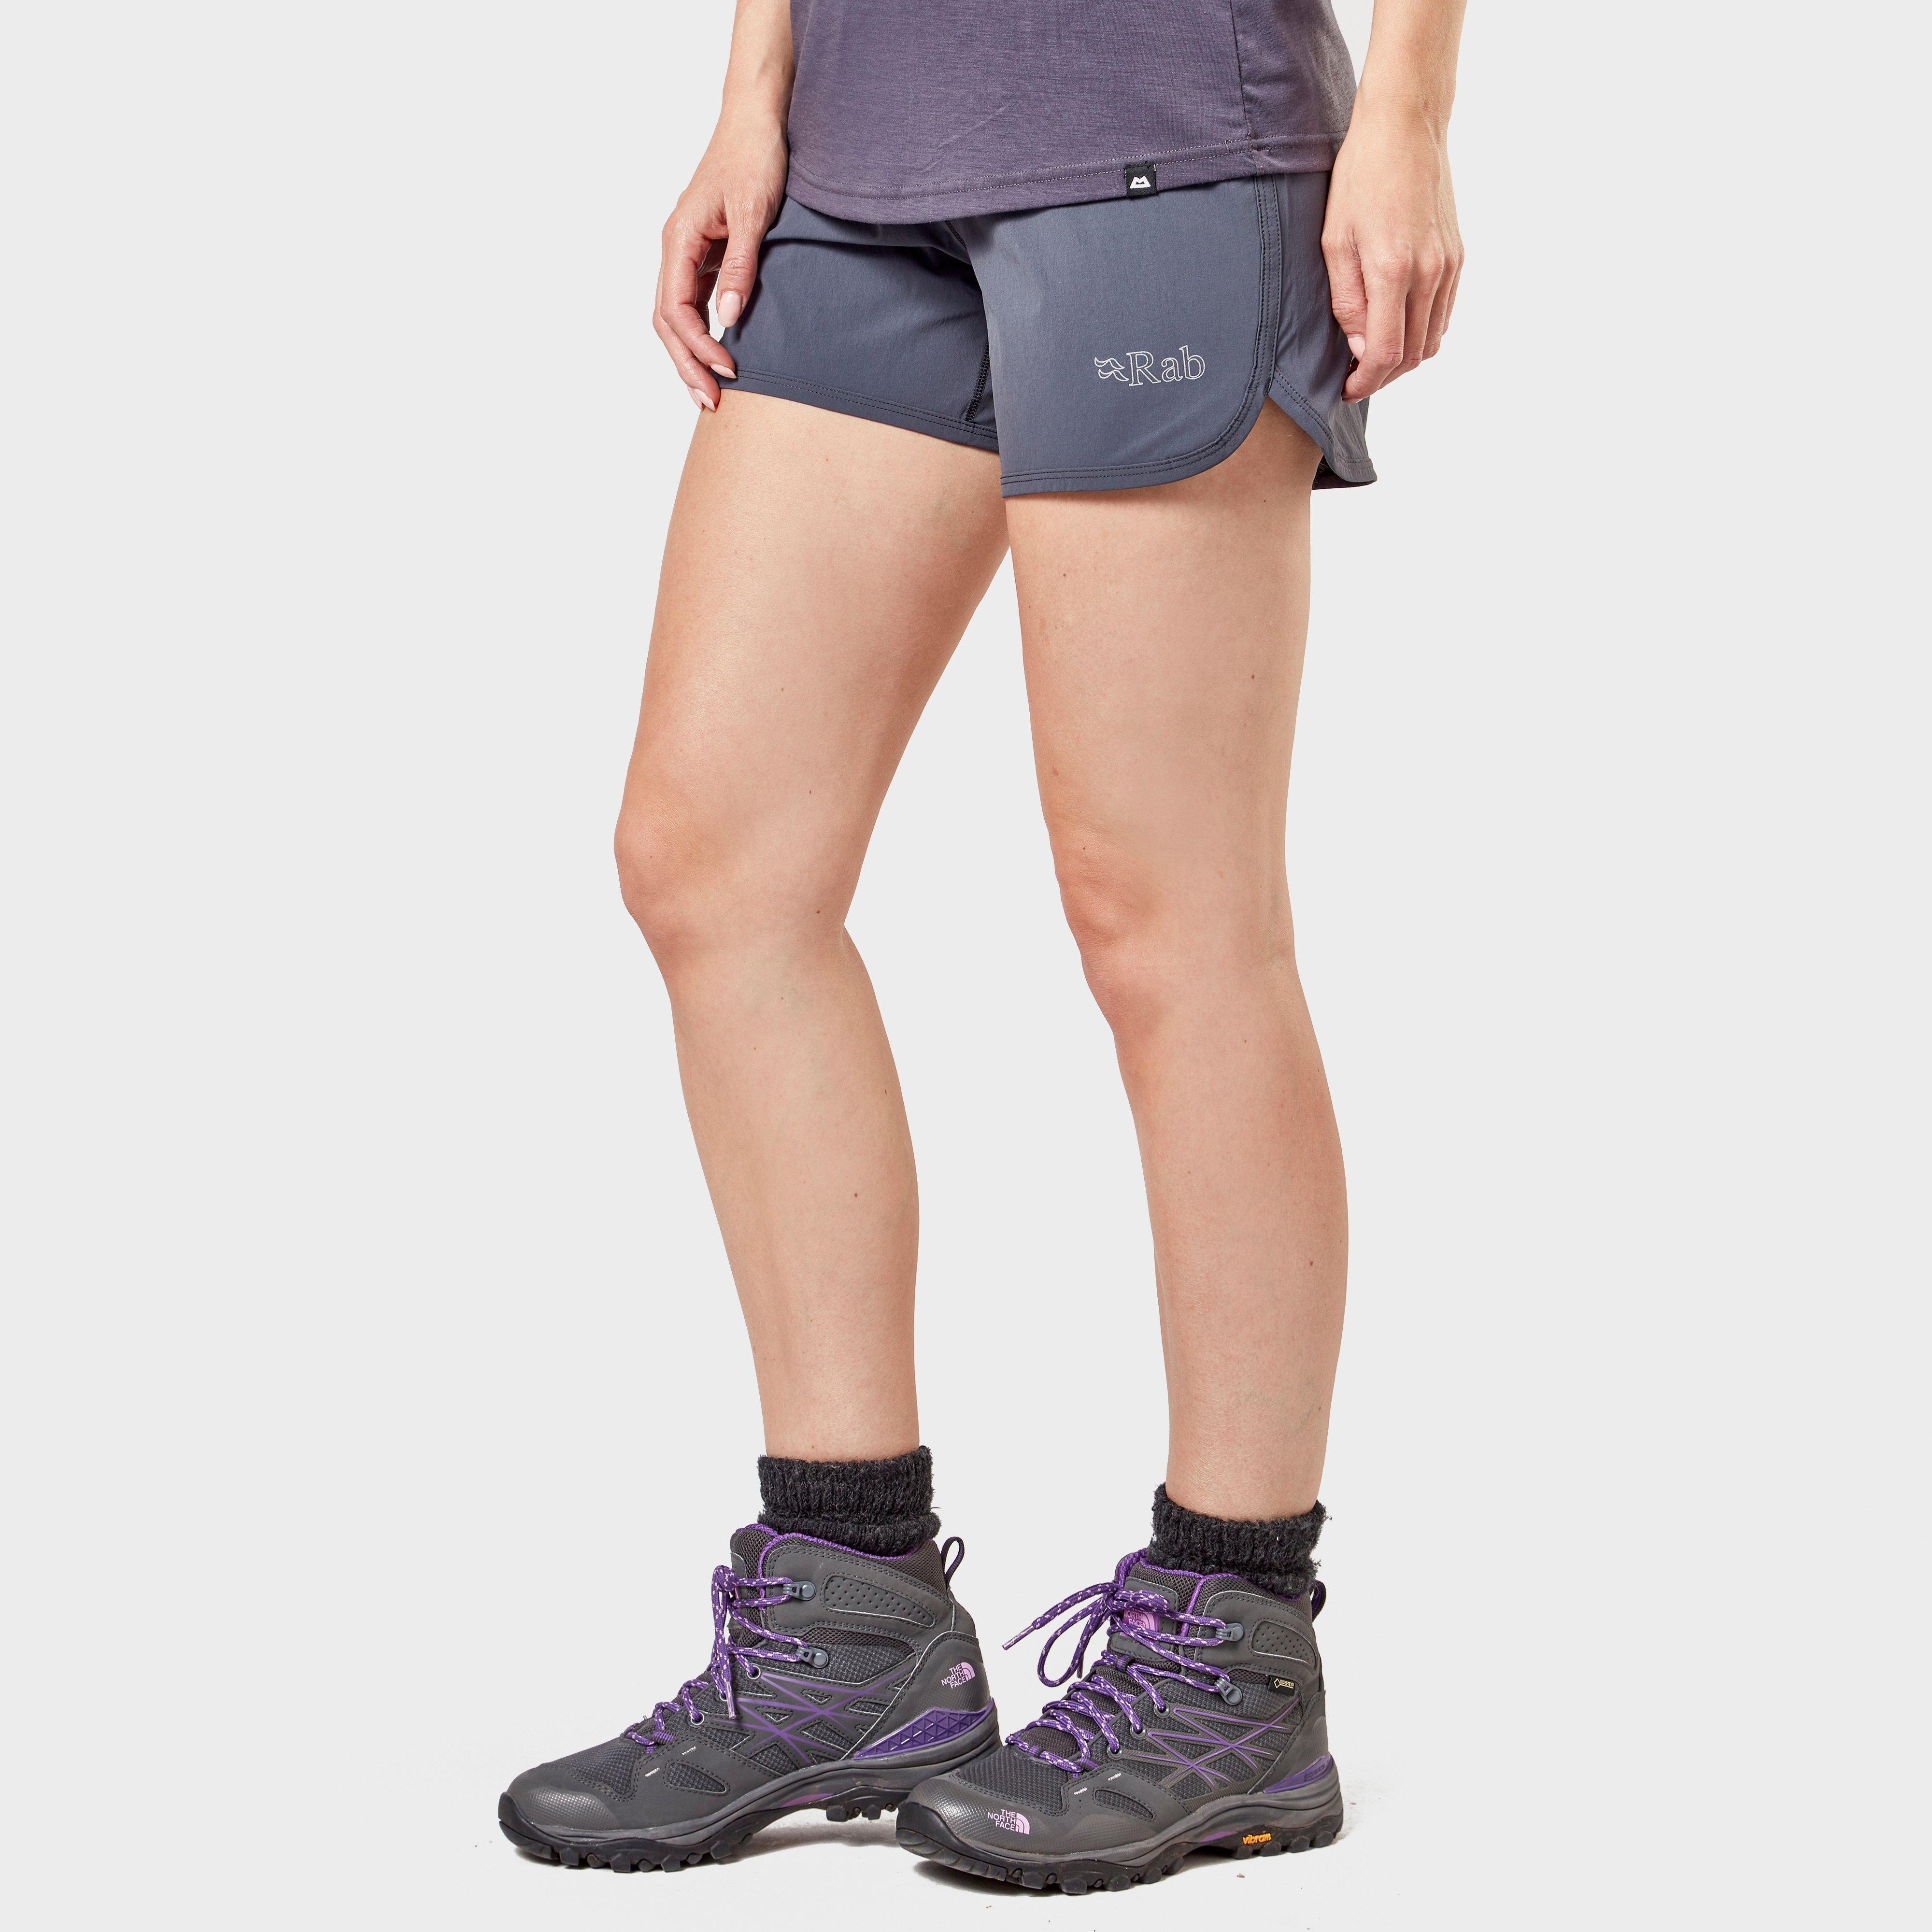 Rab Rab Womens Momentum Shorts - N/A, N/A